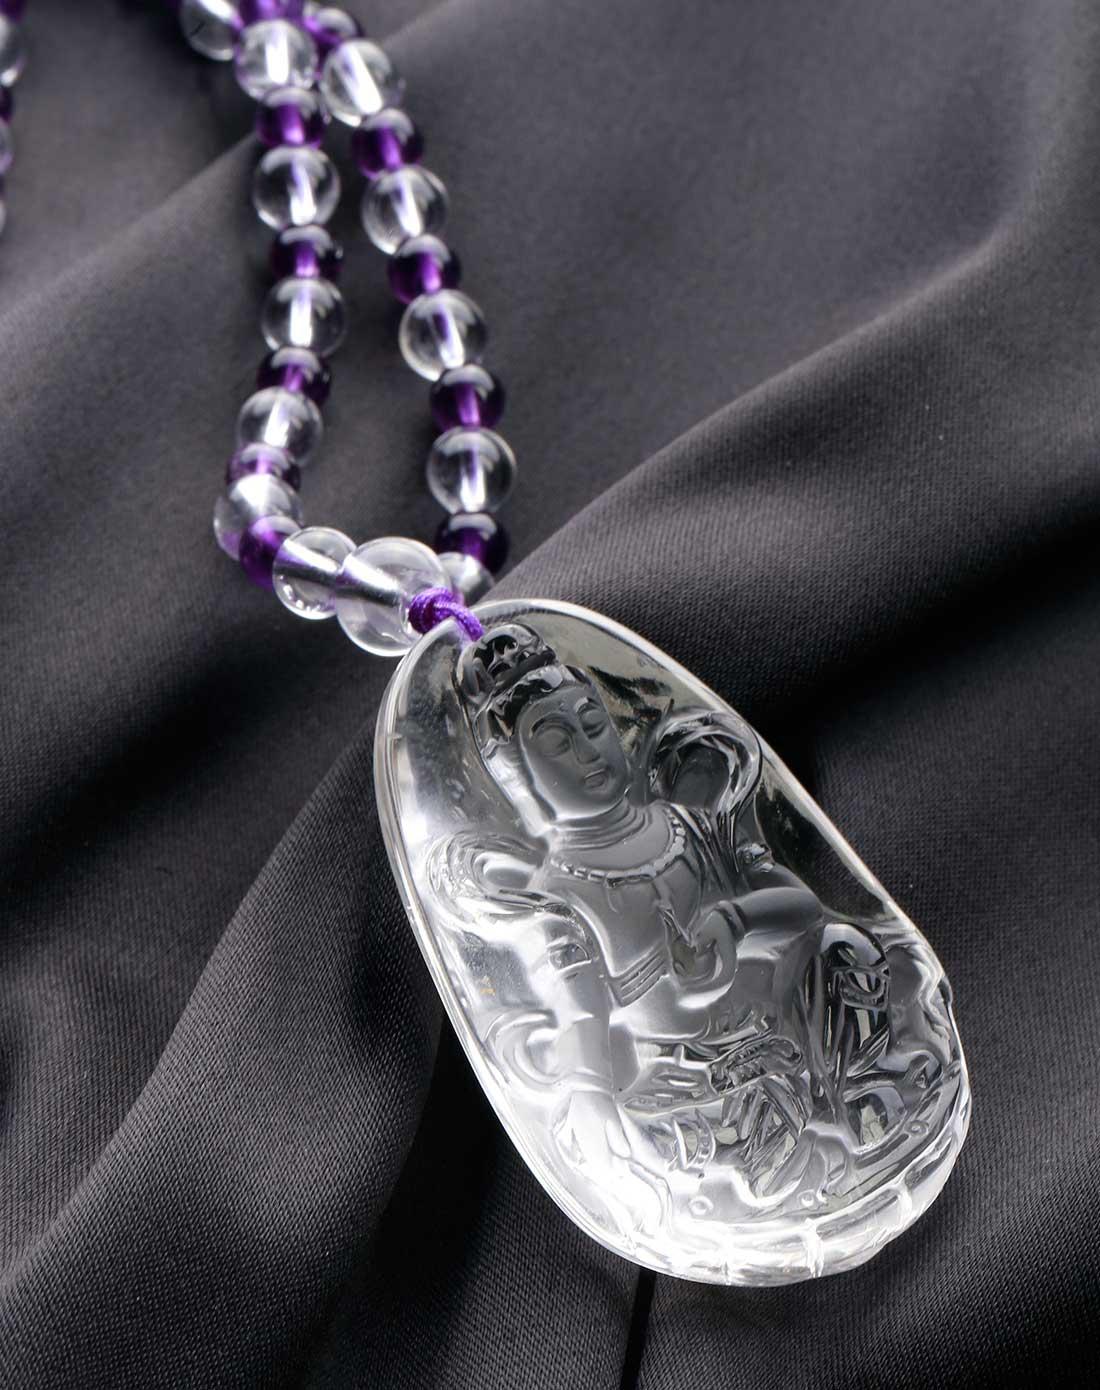 晶石灵chenim饰品专场-白水晶观音项链